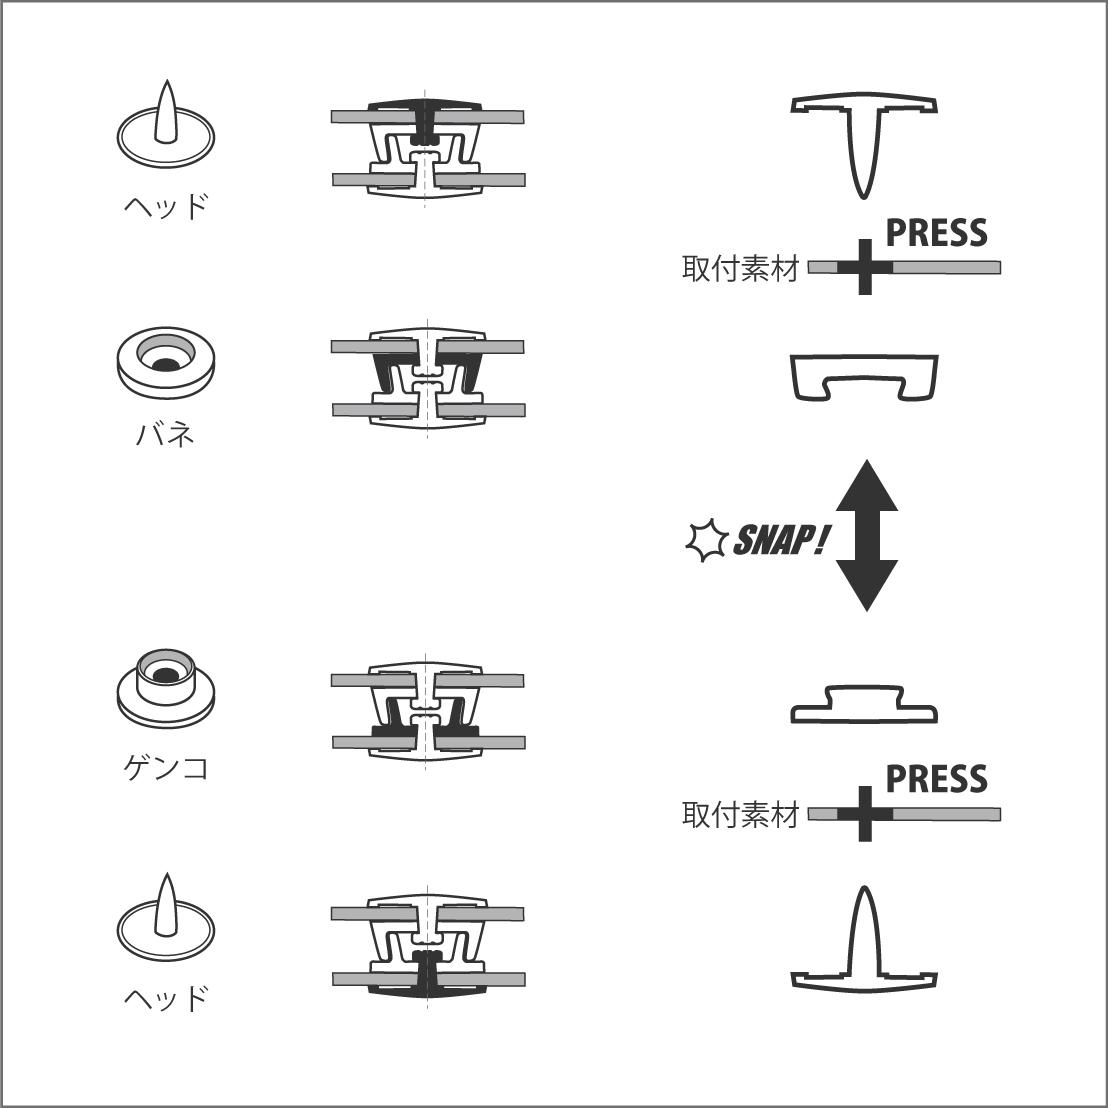 プラスチックスナップの構造 |「プロ仕様」の手芸用品 - CHERRY LABEL